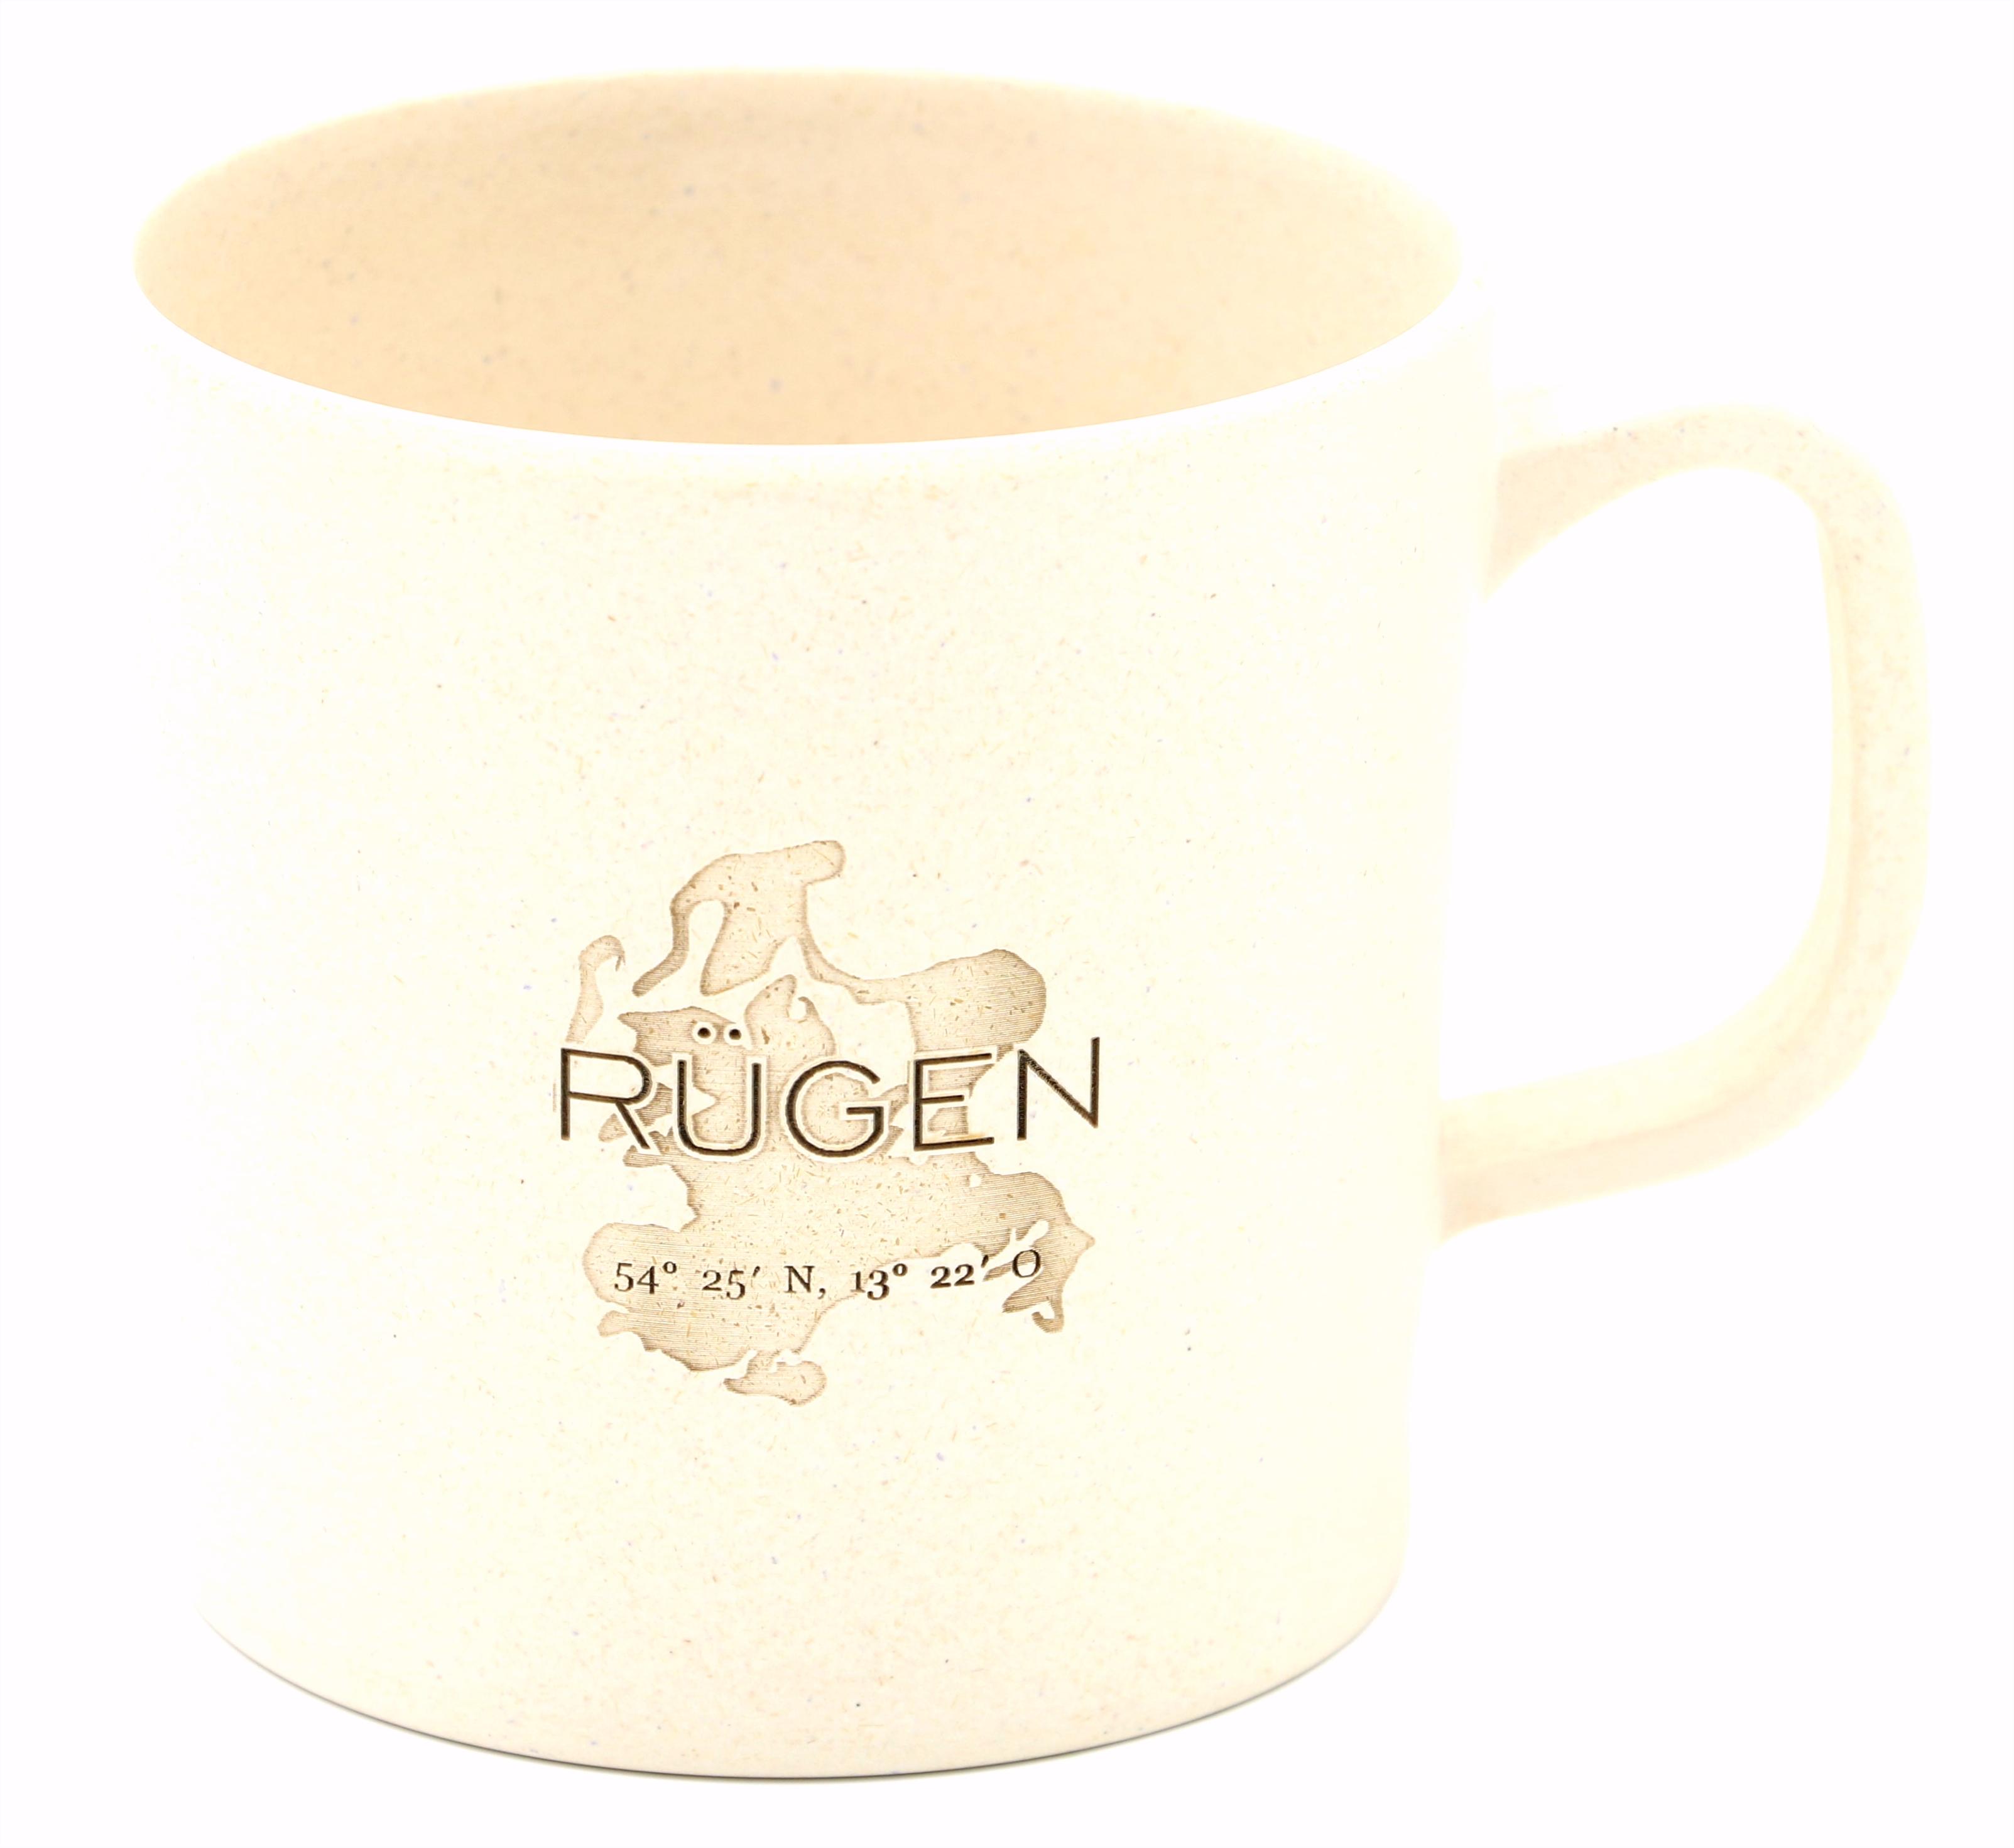 Tasse Bedrucken Vorlage Kaffeebecher Tasse Aus Bambus Mit Ihrem Logo Y8ur83ixf3 Gshcu4zoeu